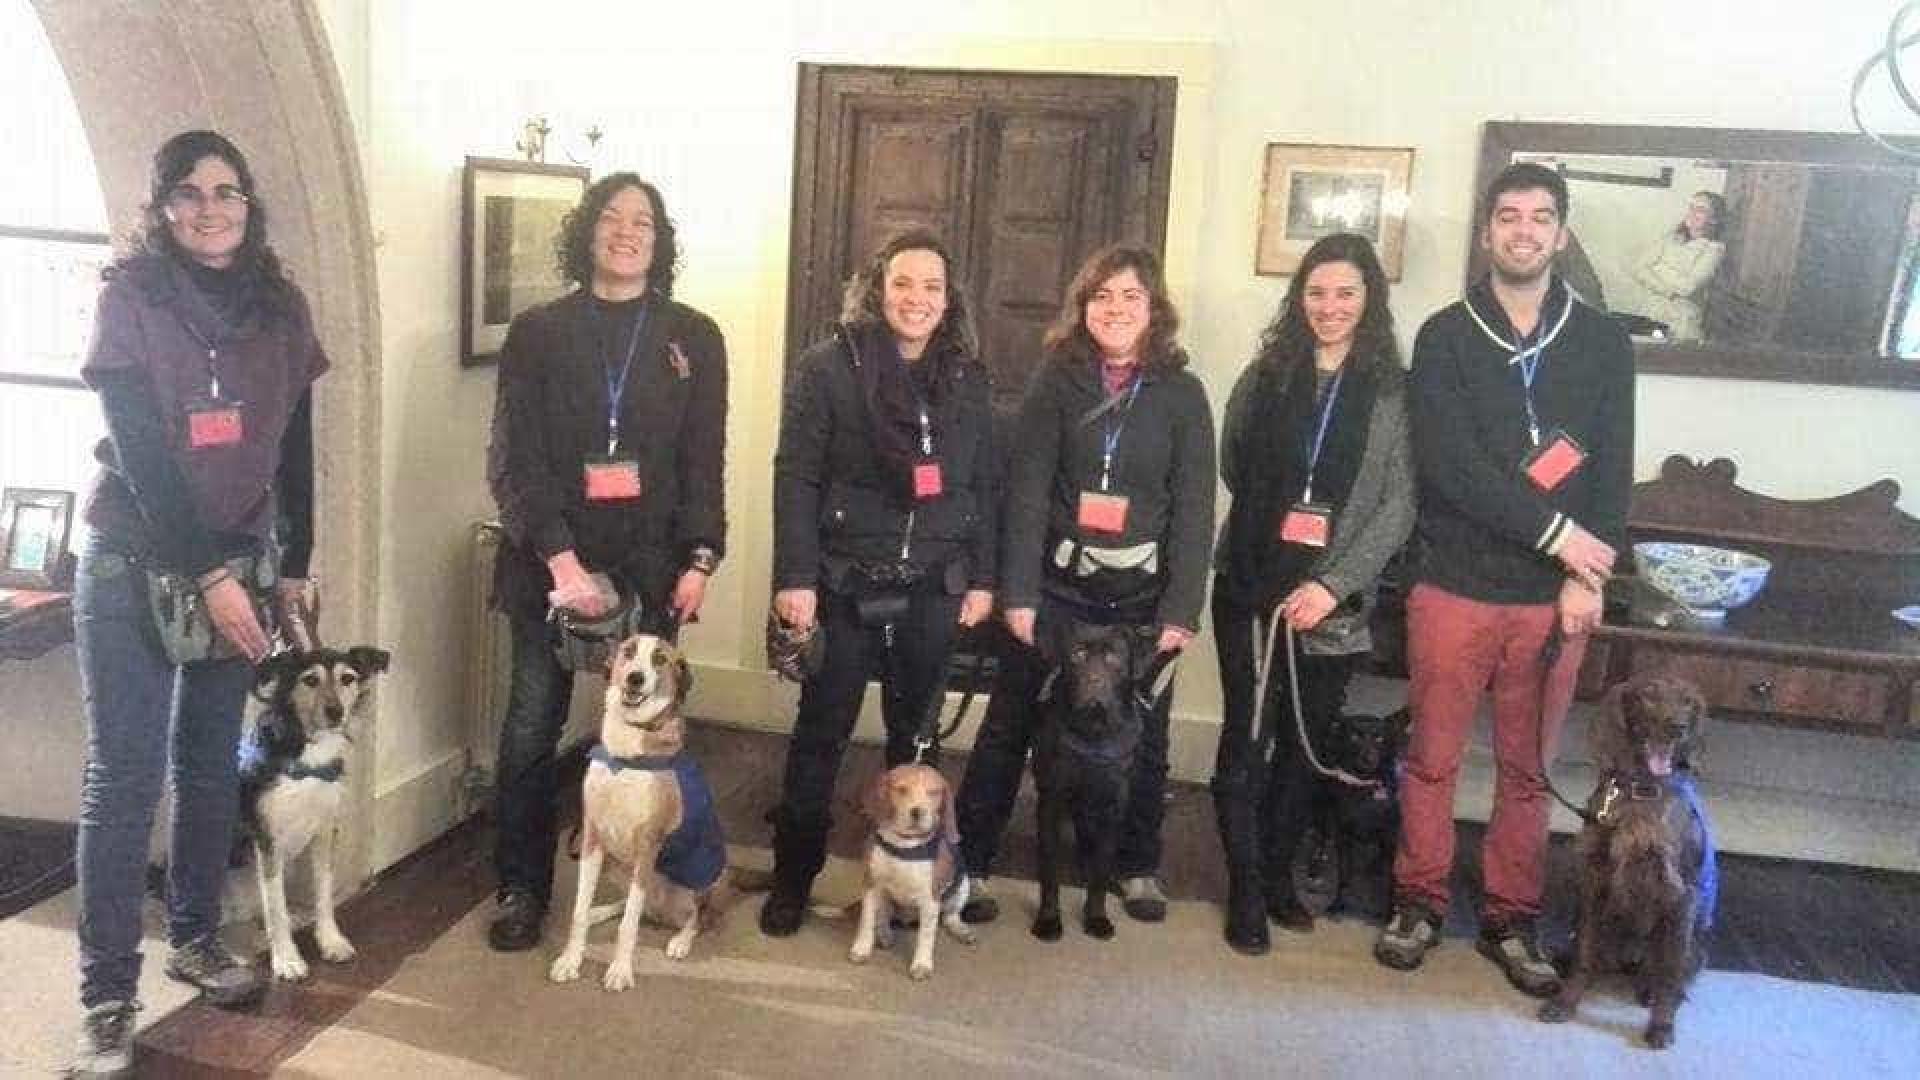 Ânimas entrega 11.º cão de assistência desde que foi criada em 2002